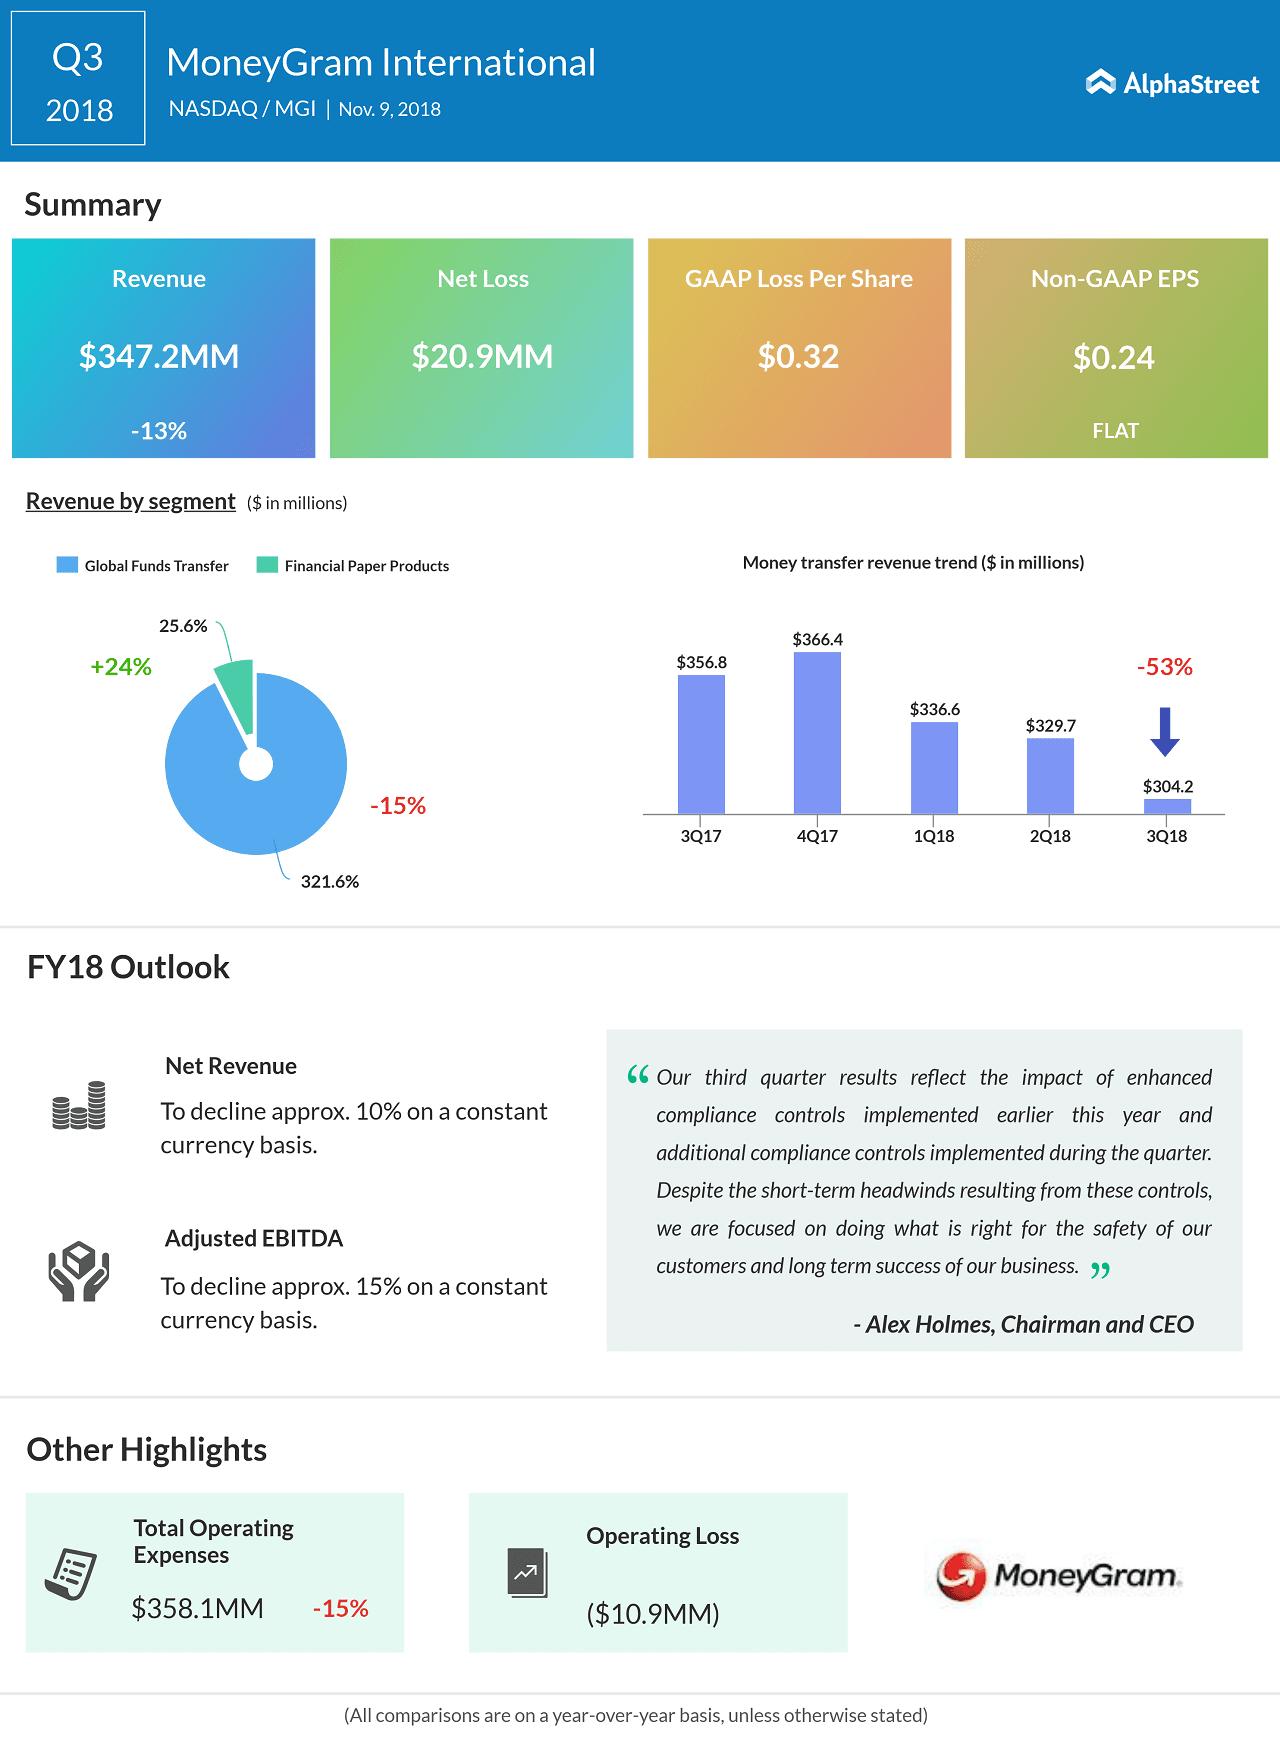 Moneygram Q3 2018 Earnings Infographic